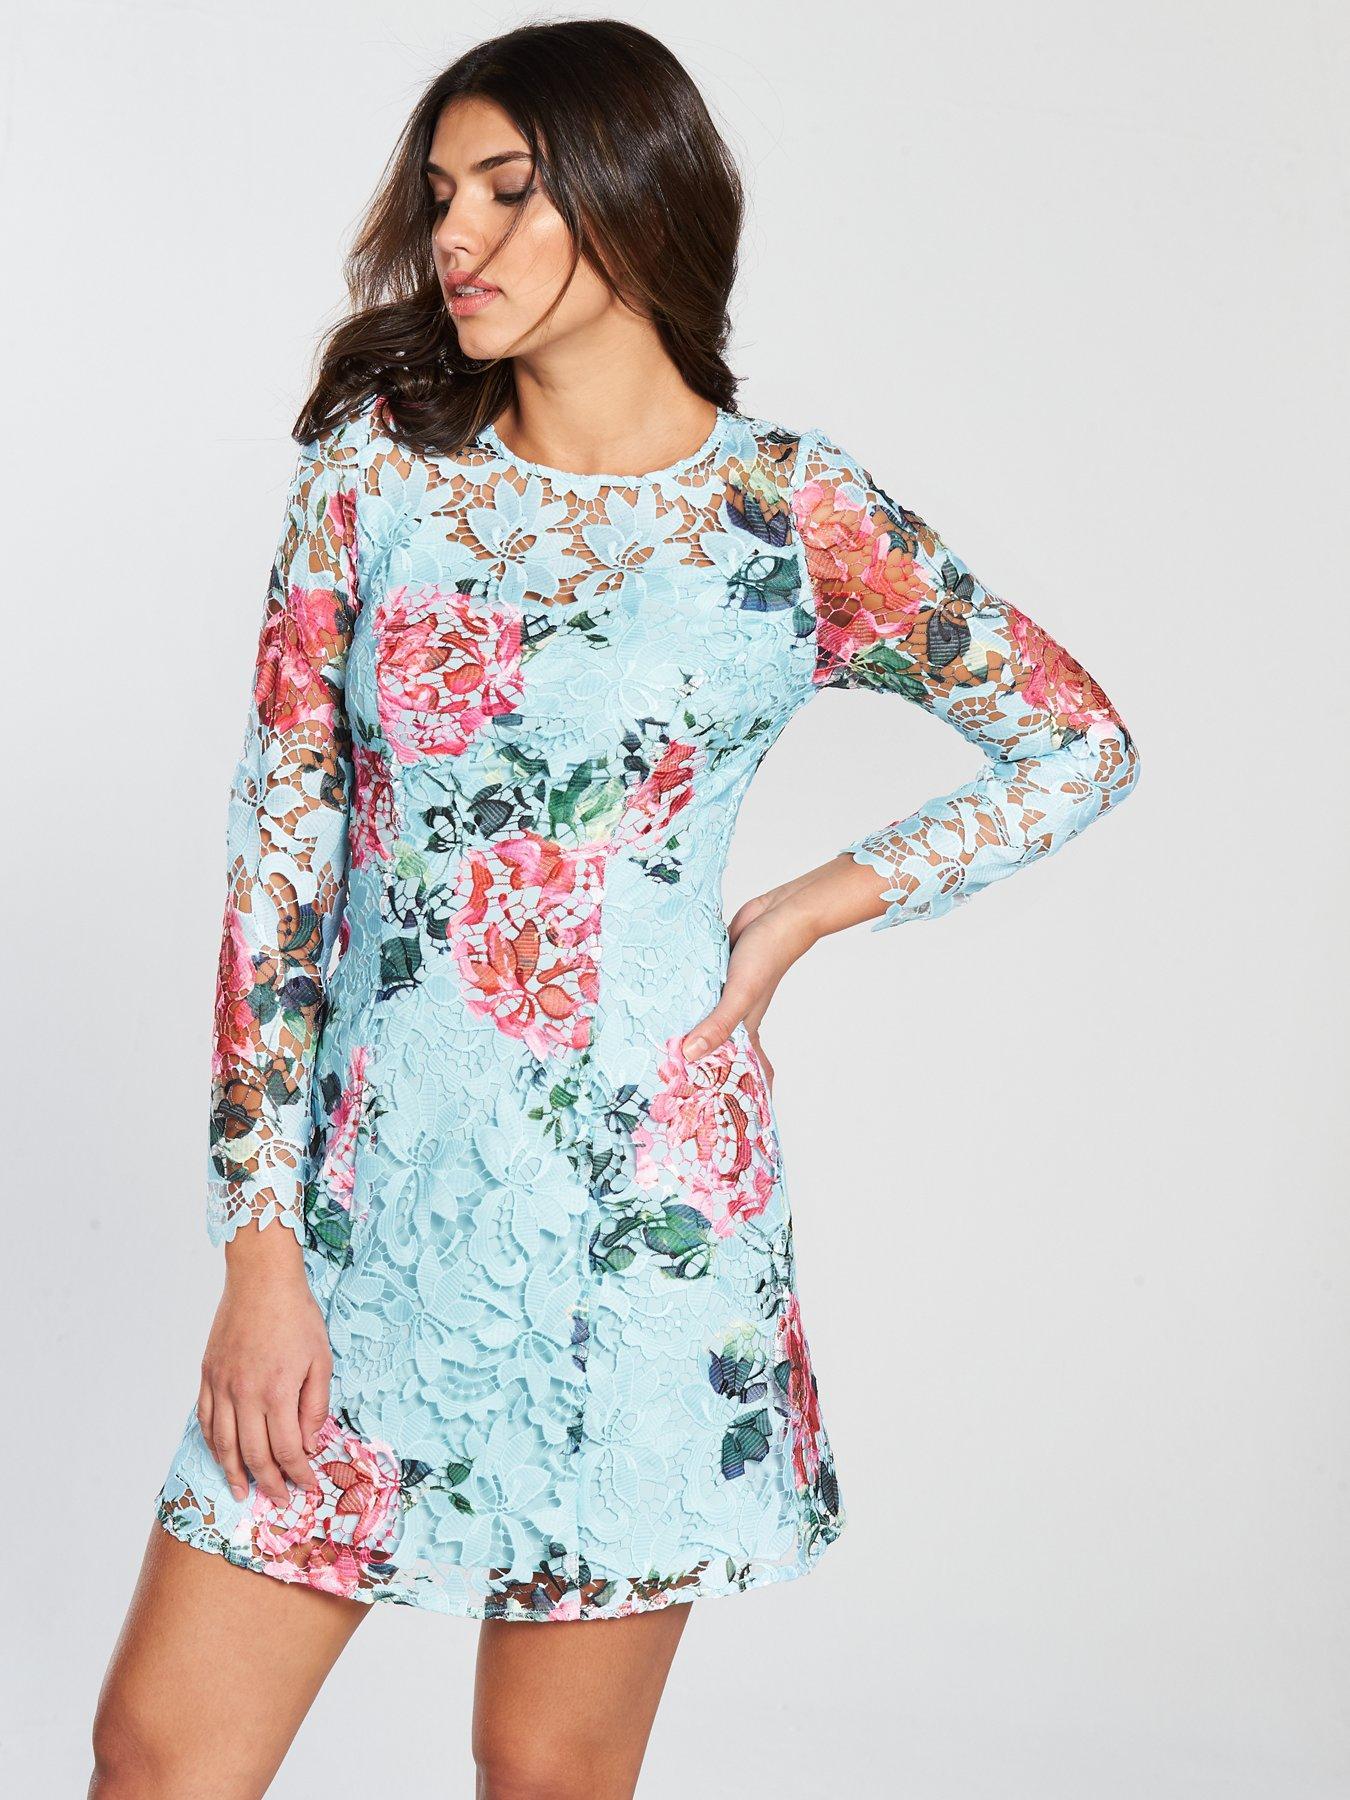 Summer holiday dresses 2018 uk qb